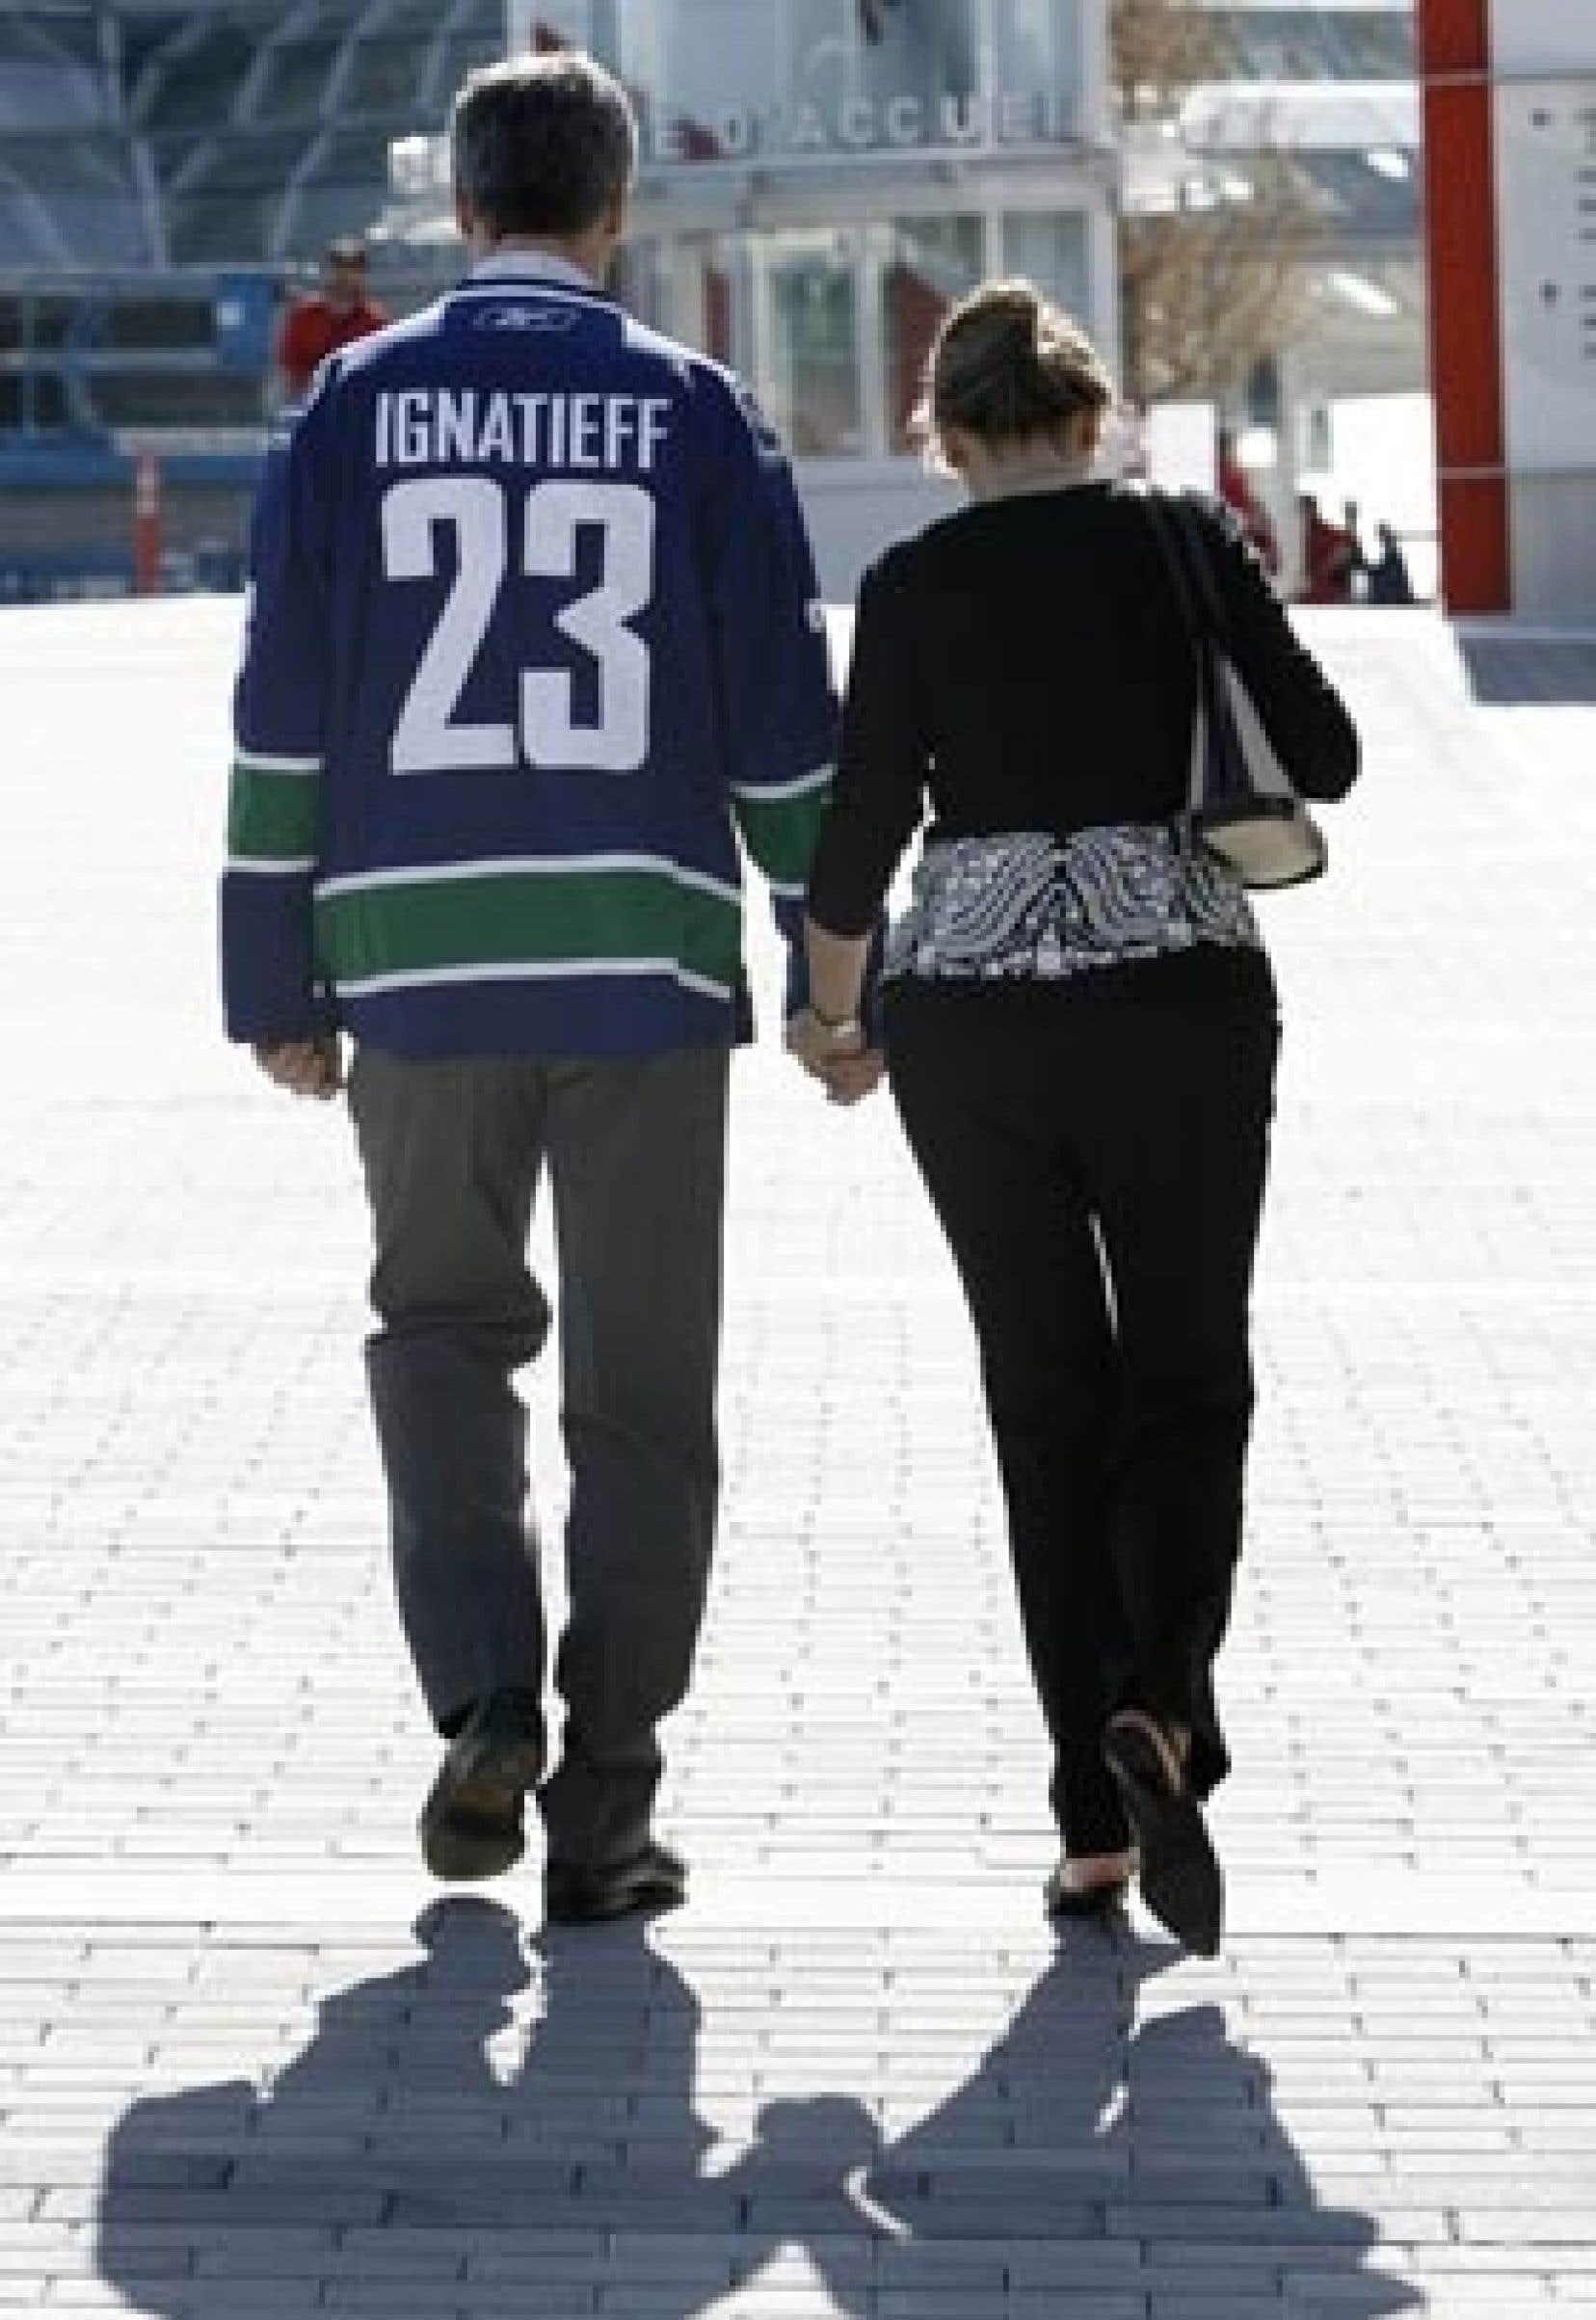 Vêtu d'un chandail des Canucks de Vancouver, Michael Ignatieff marche avec sa conjointe.